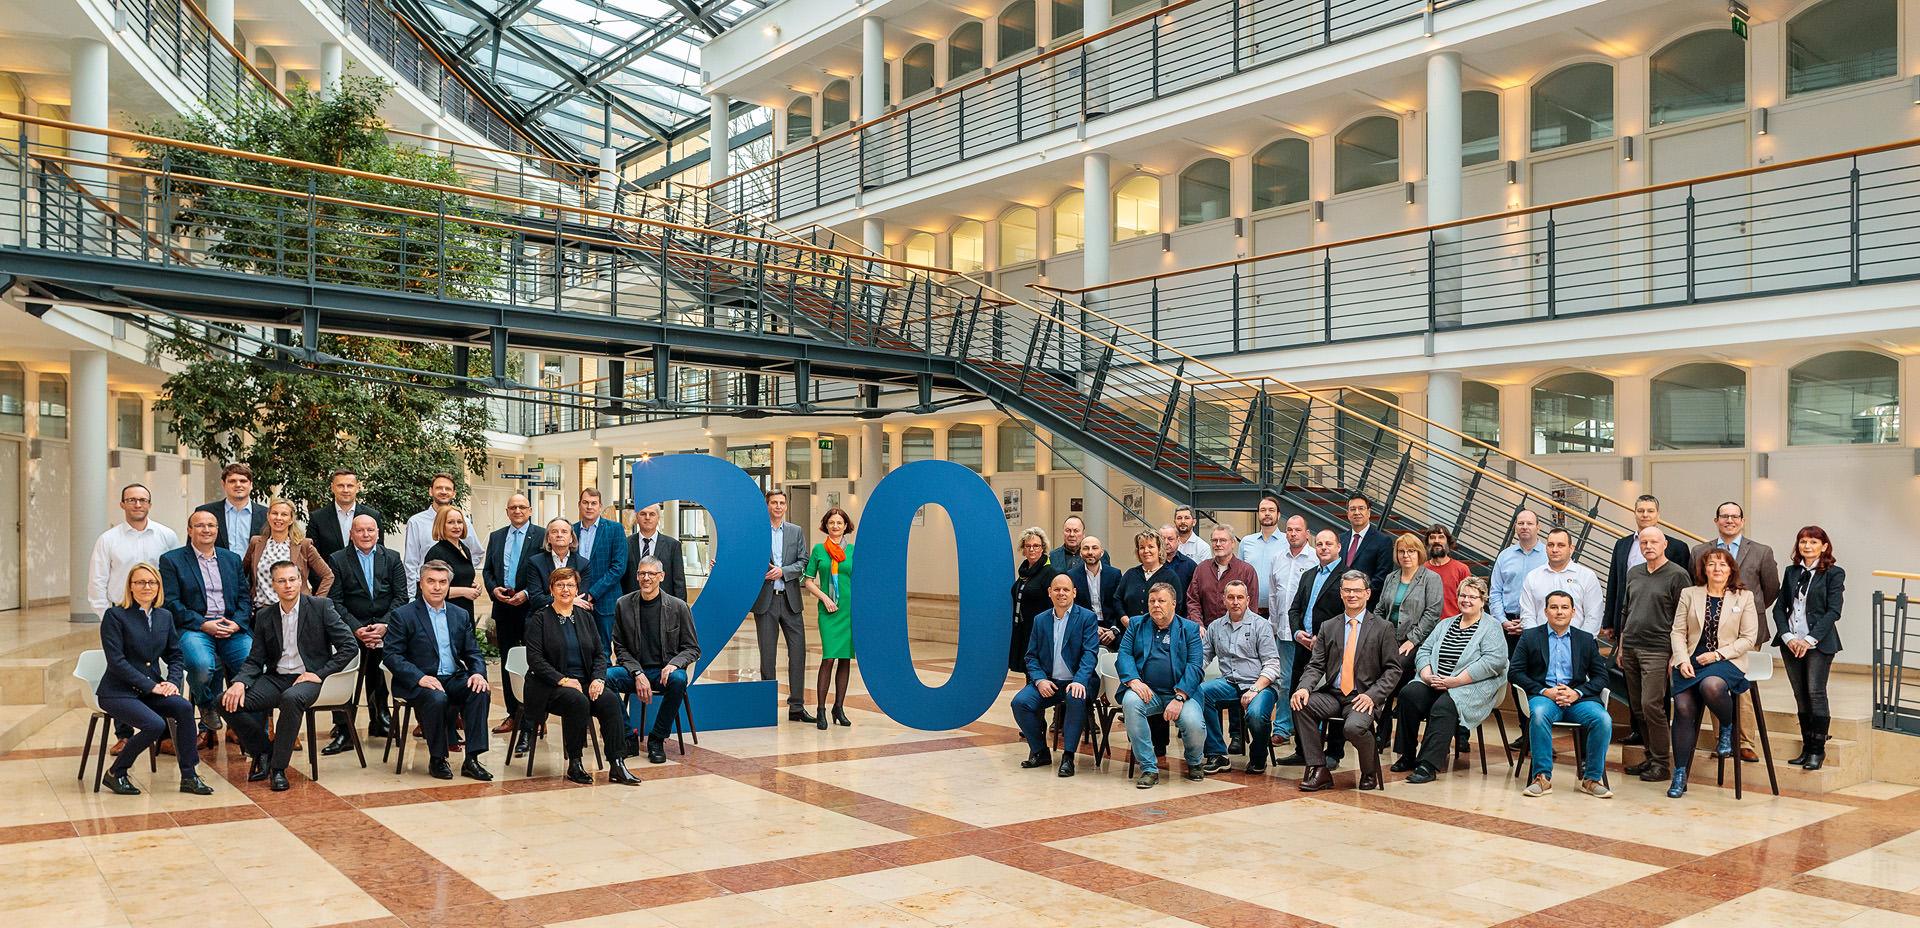 Unternehmensfotograf macht Gruppenfoto alle Führungskräfte eines städtischen Betriebes